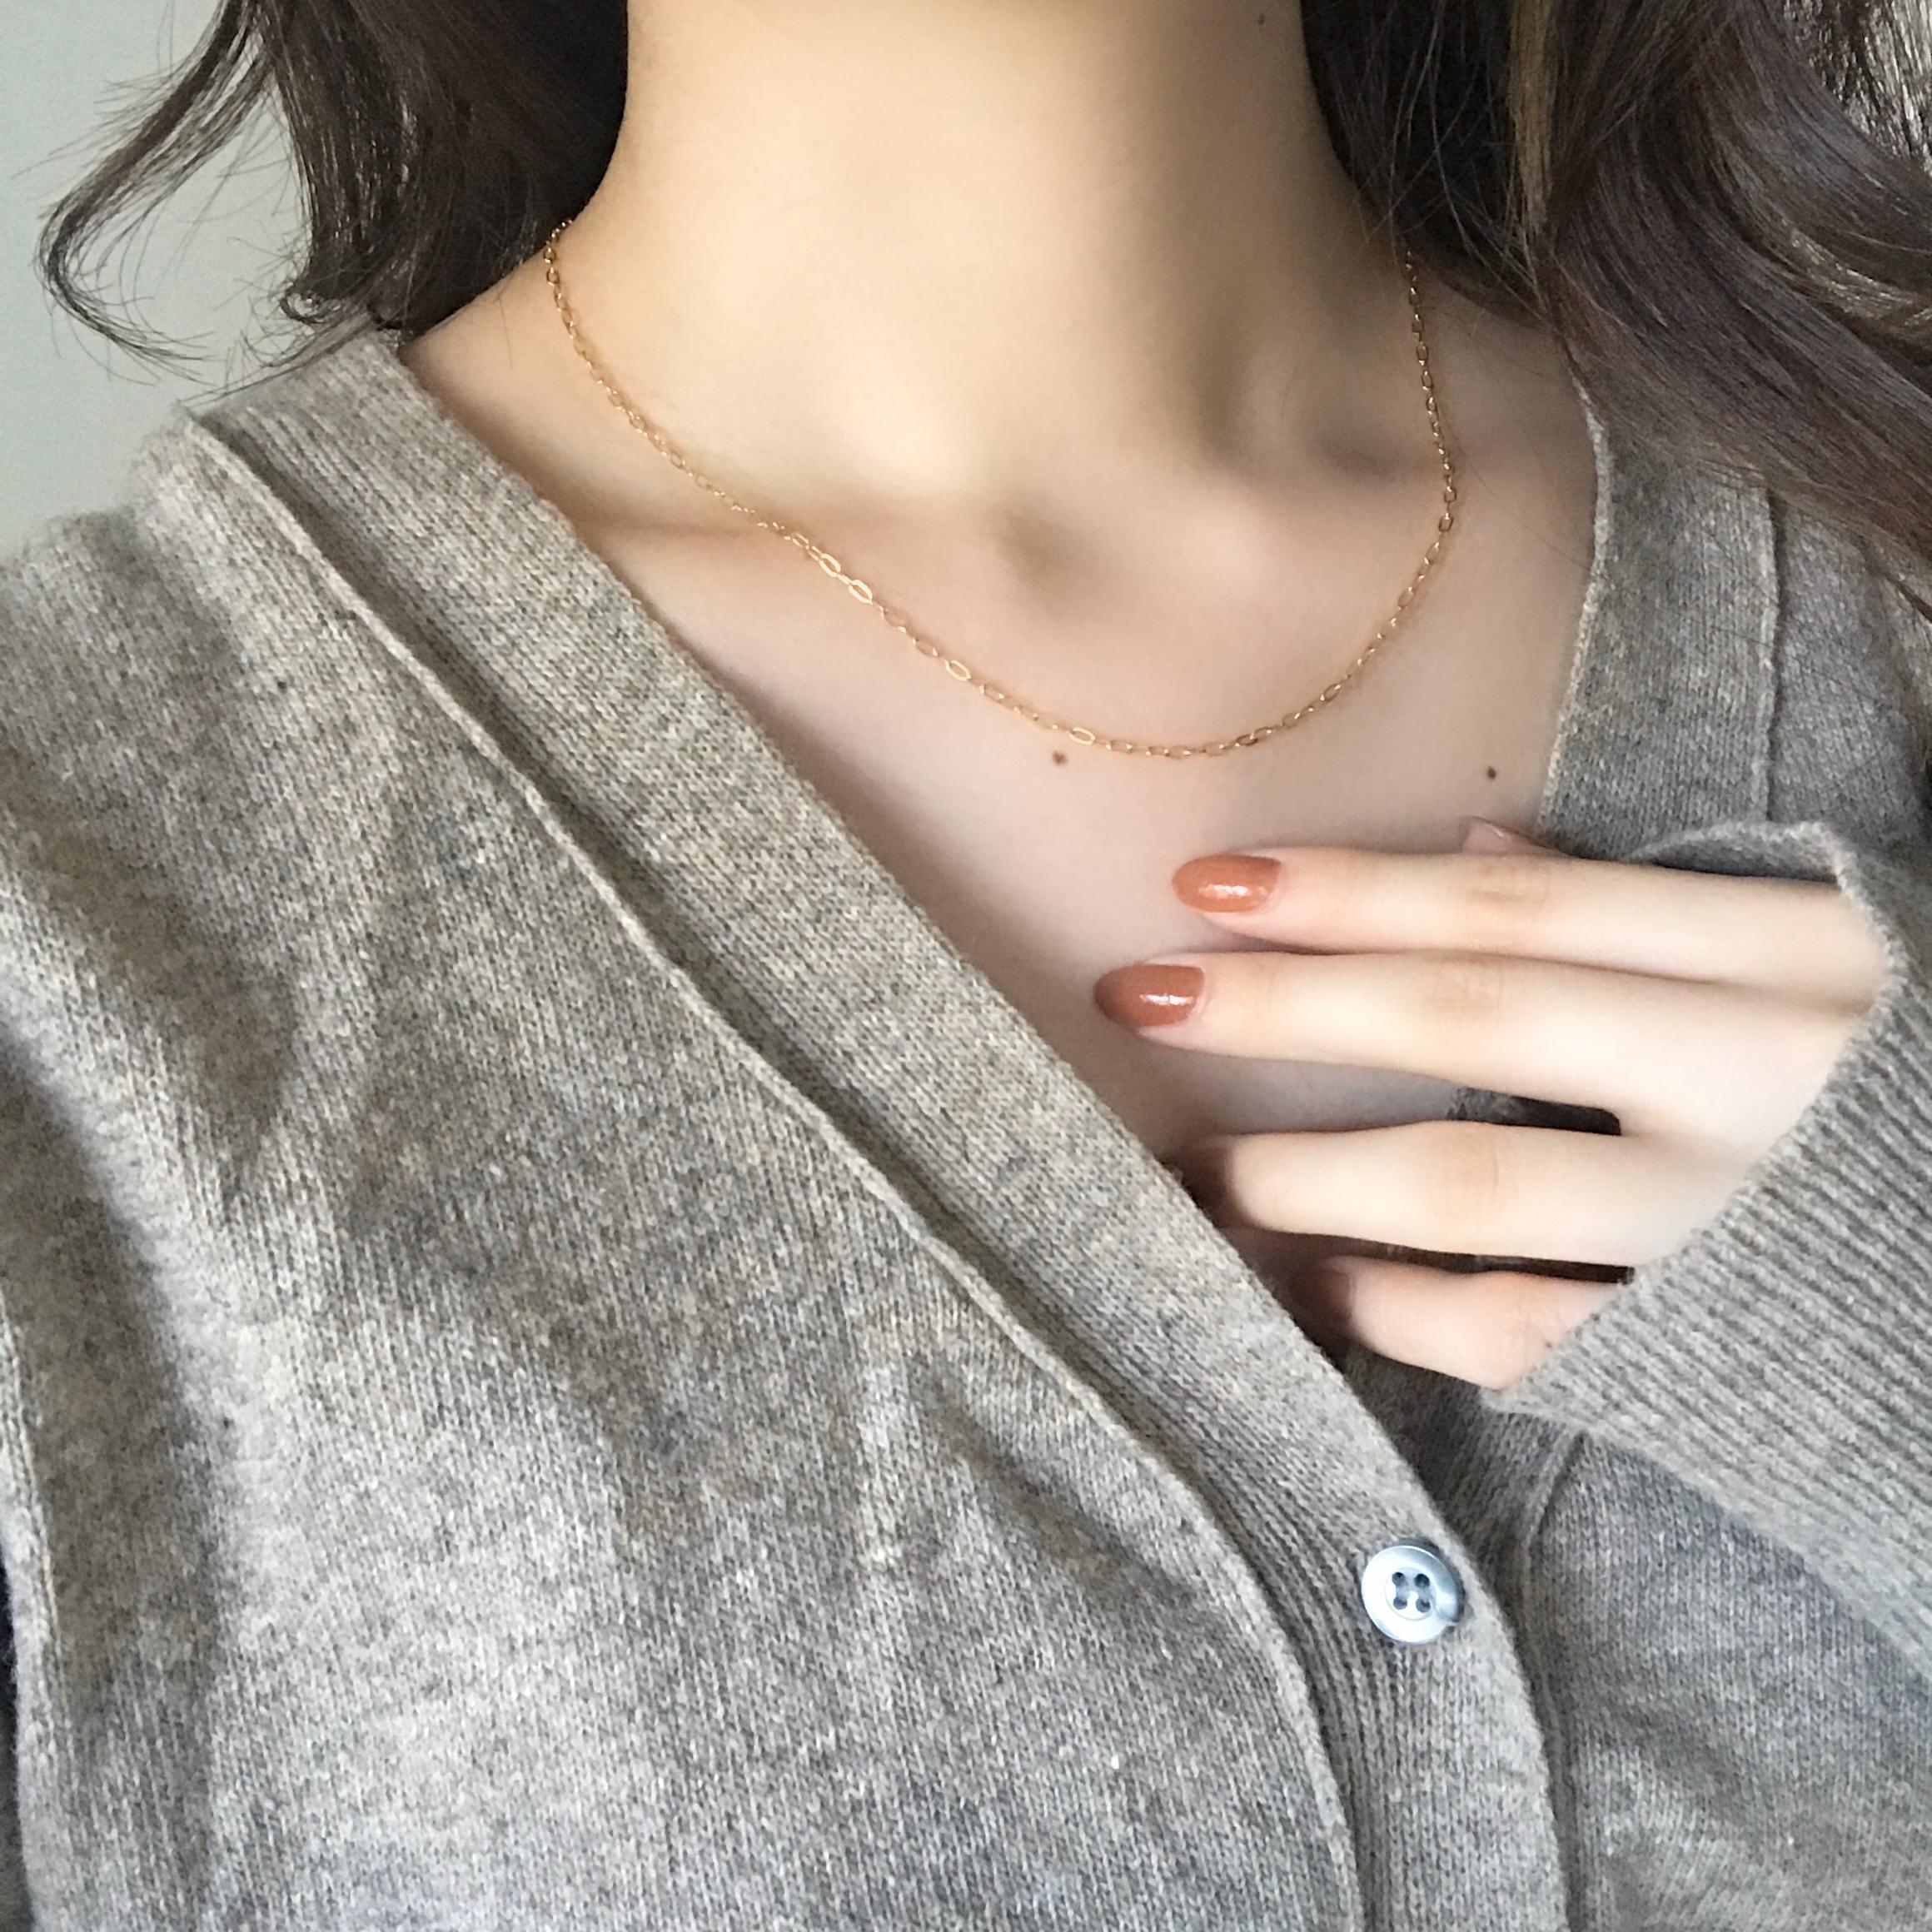 hug necklace(14kgf)